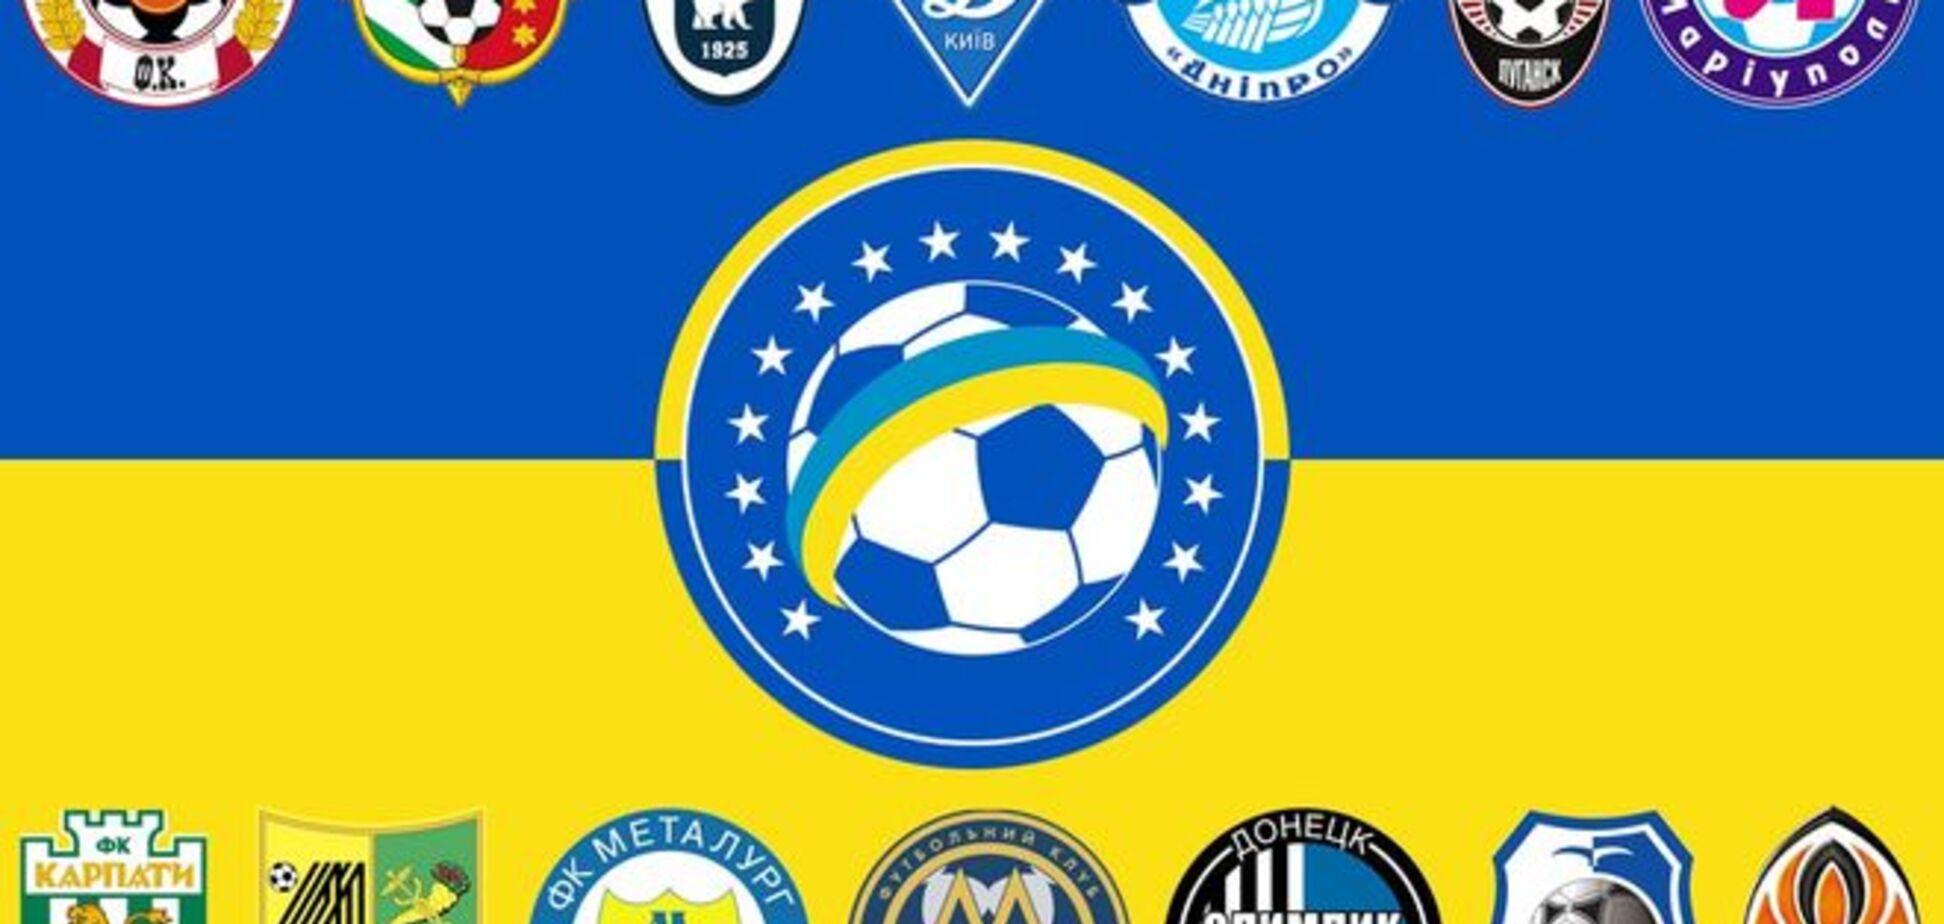 Следующий чемпионат Украины по футболу под угрозой срыва